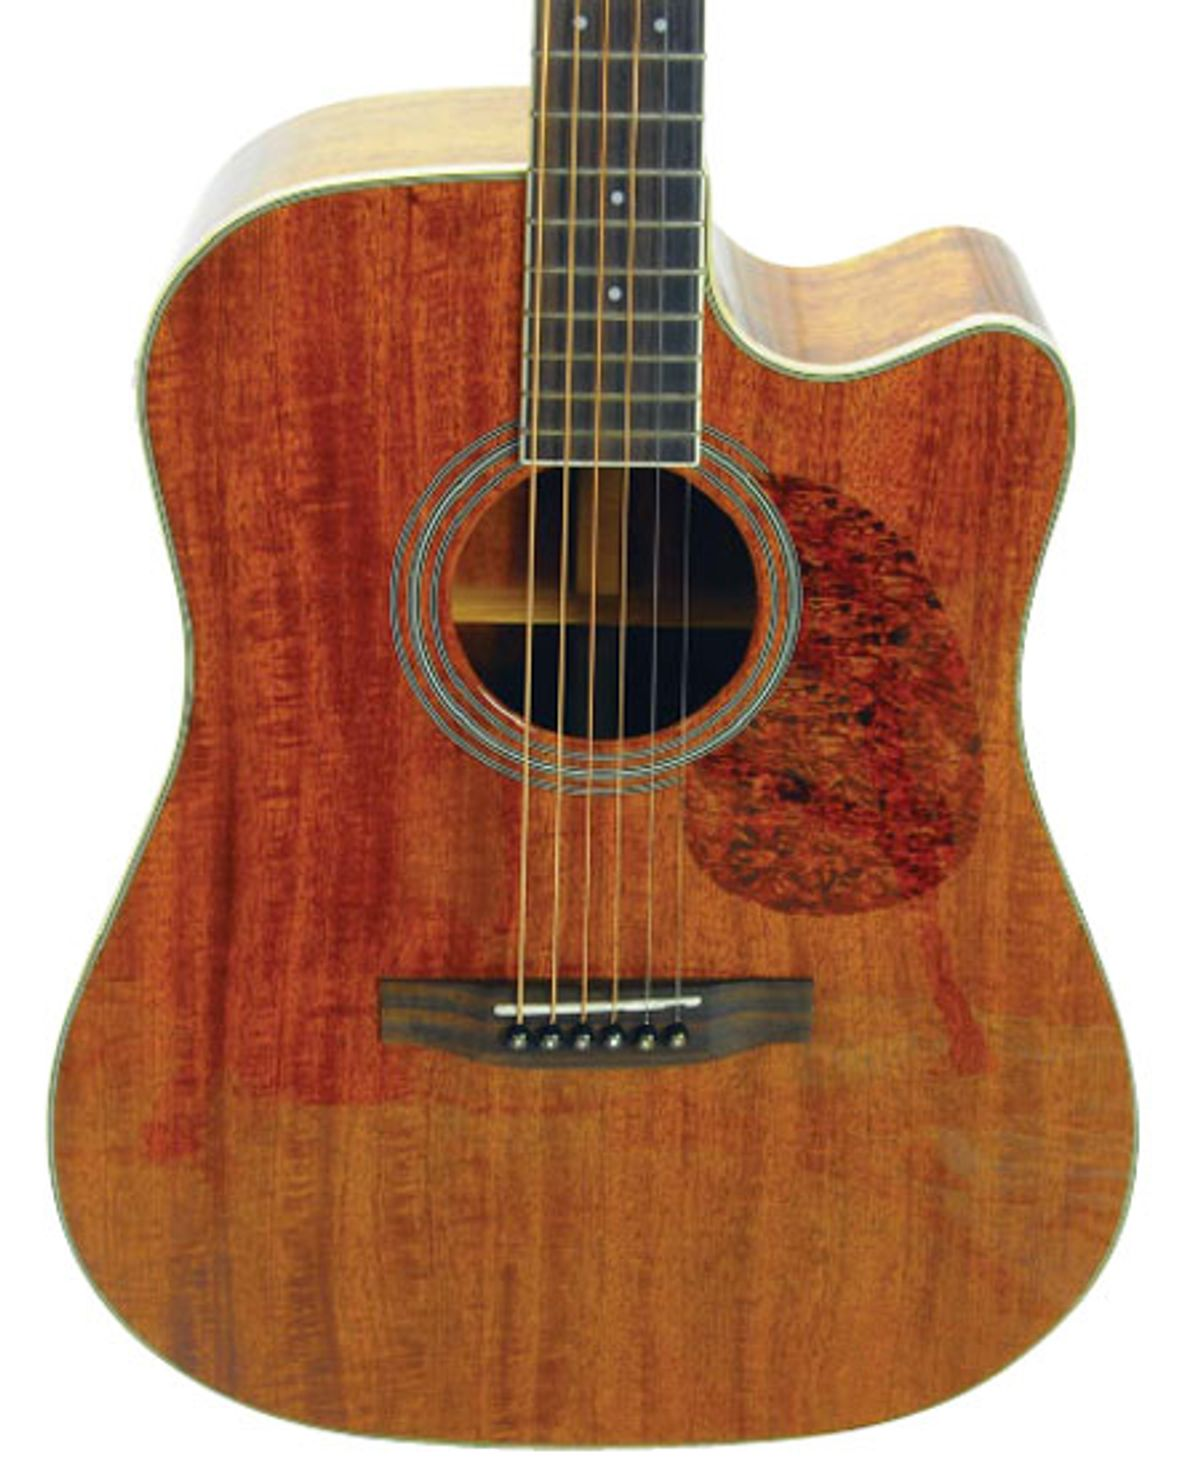 Carvin Cobalt C770T Acoustic/Electric Guitar Review